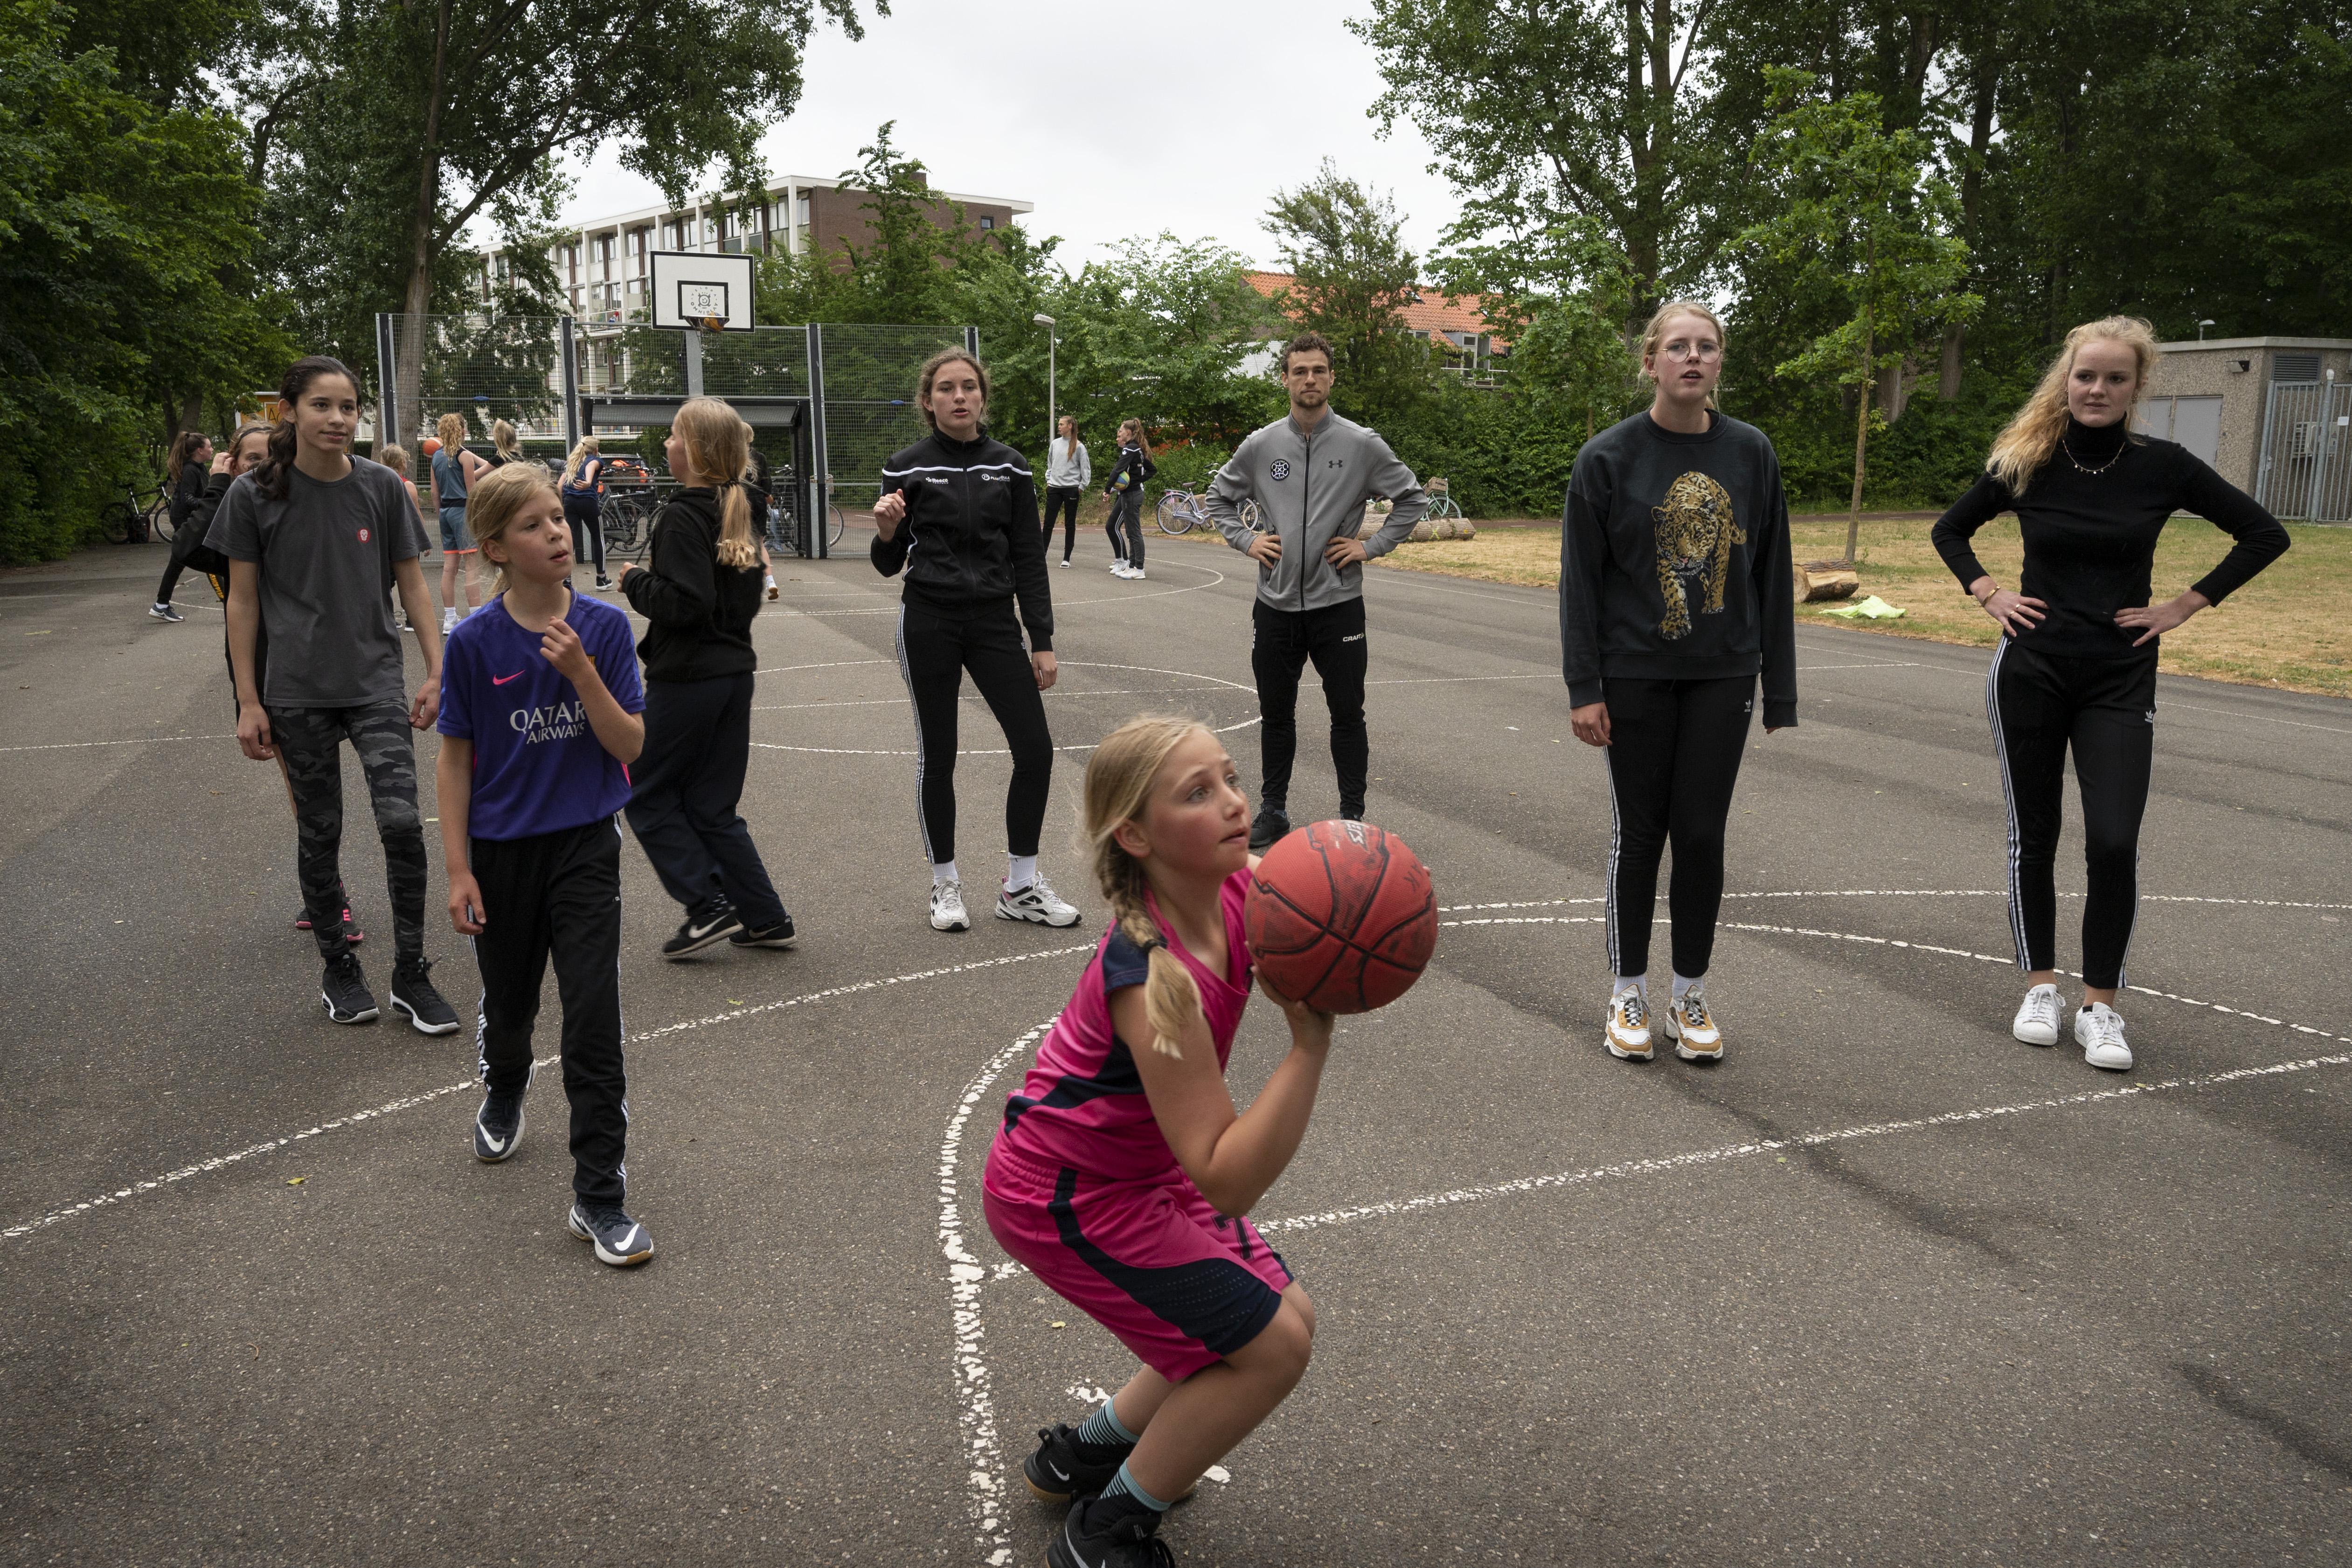 Basketbalsters van Grasshoppers krijgen een opleiding tot rolmodel: 'Zij gaan zorgen dat dit een veilige plek wordt om te spelen'